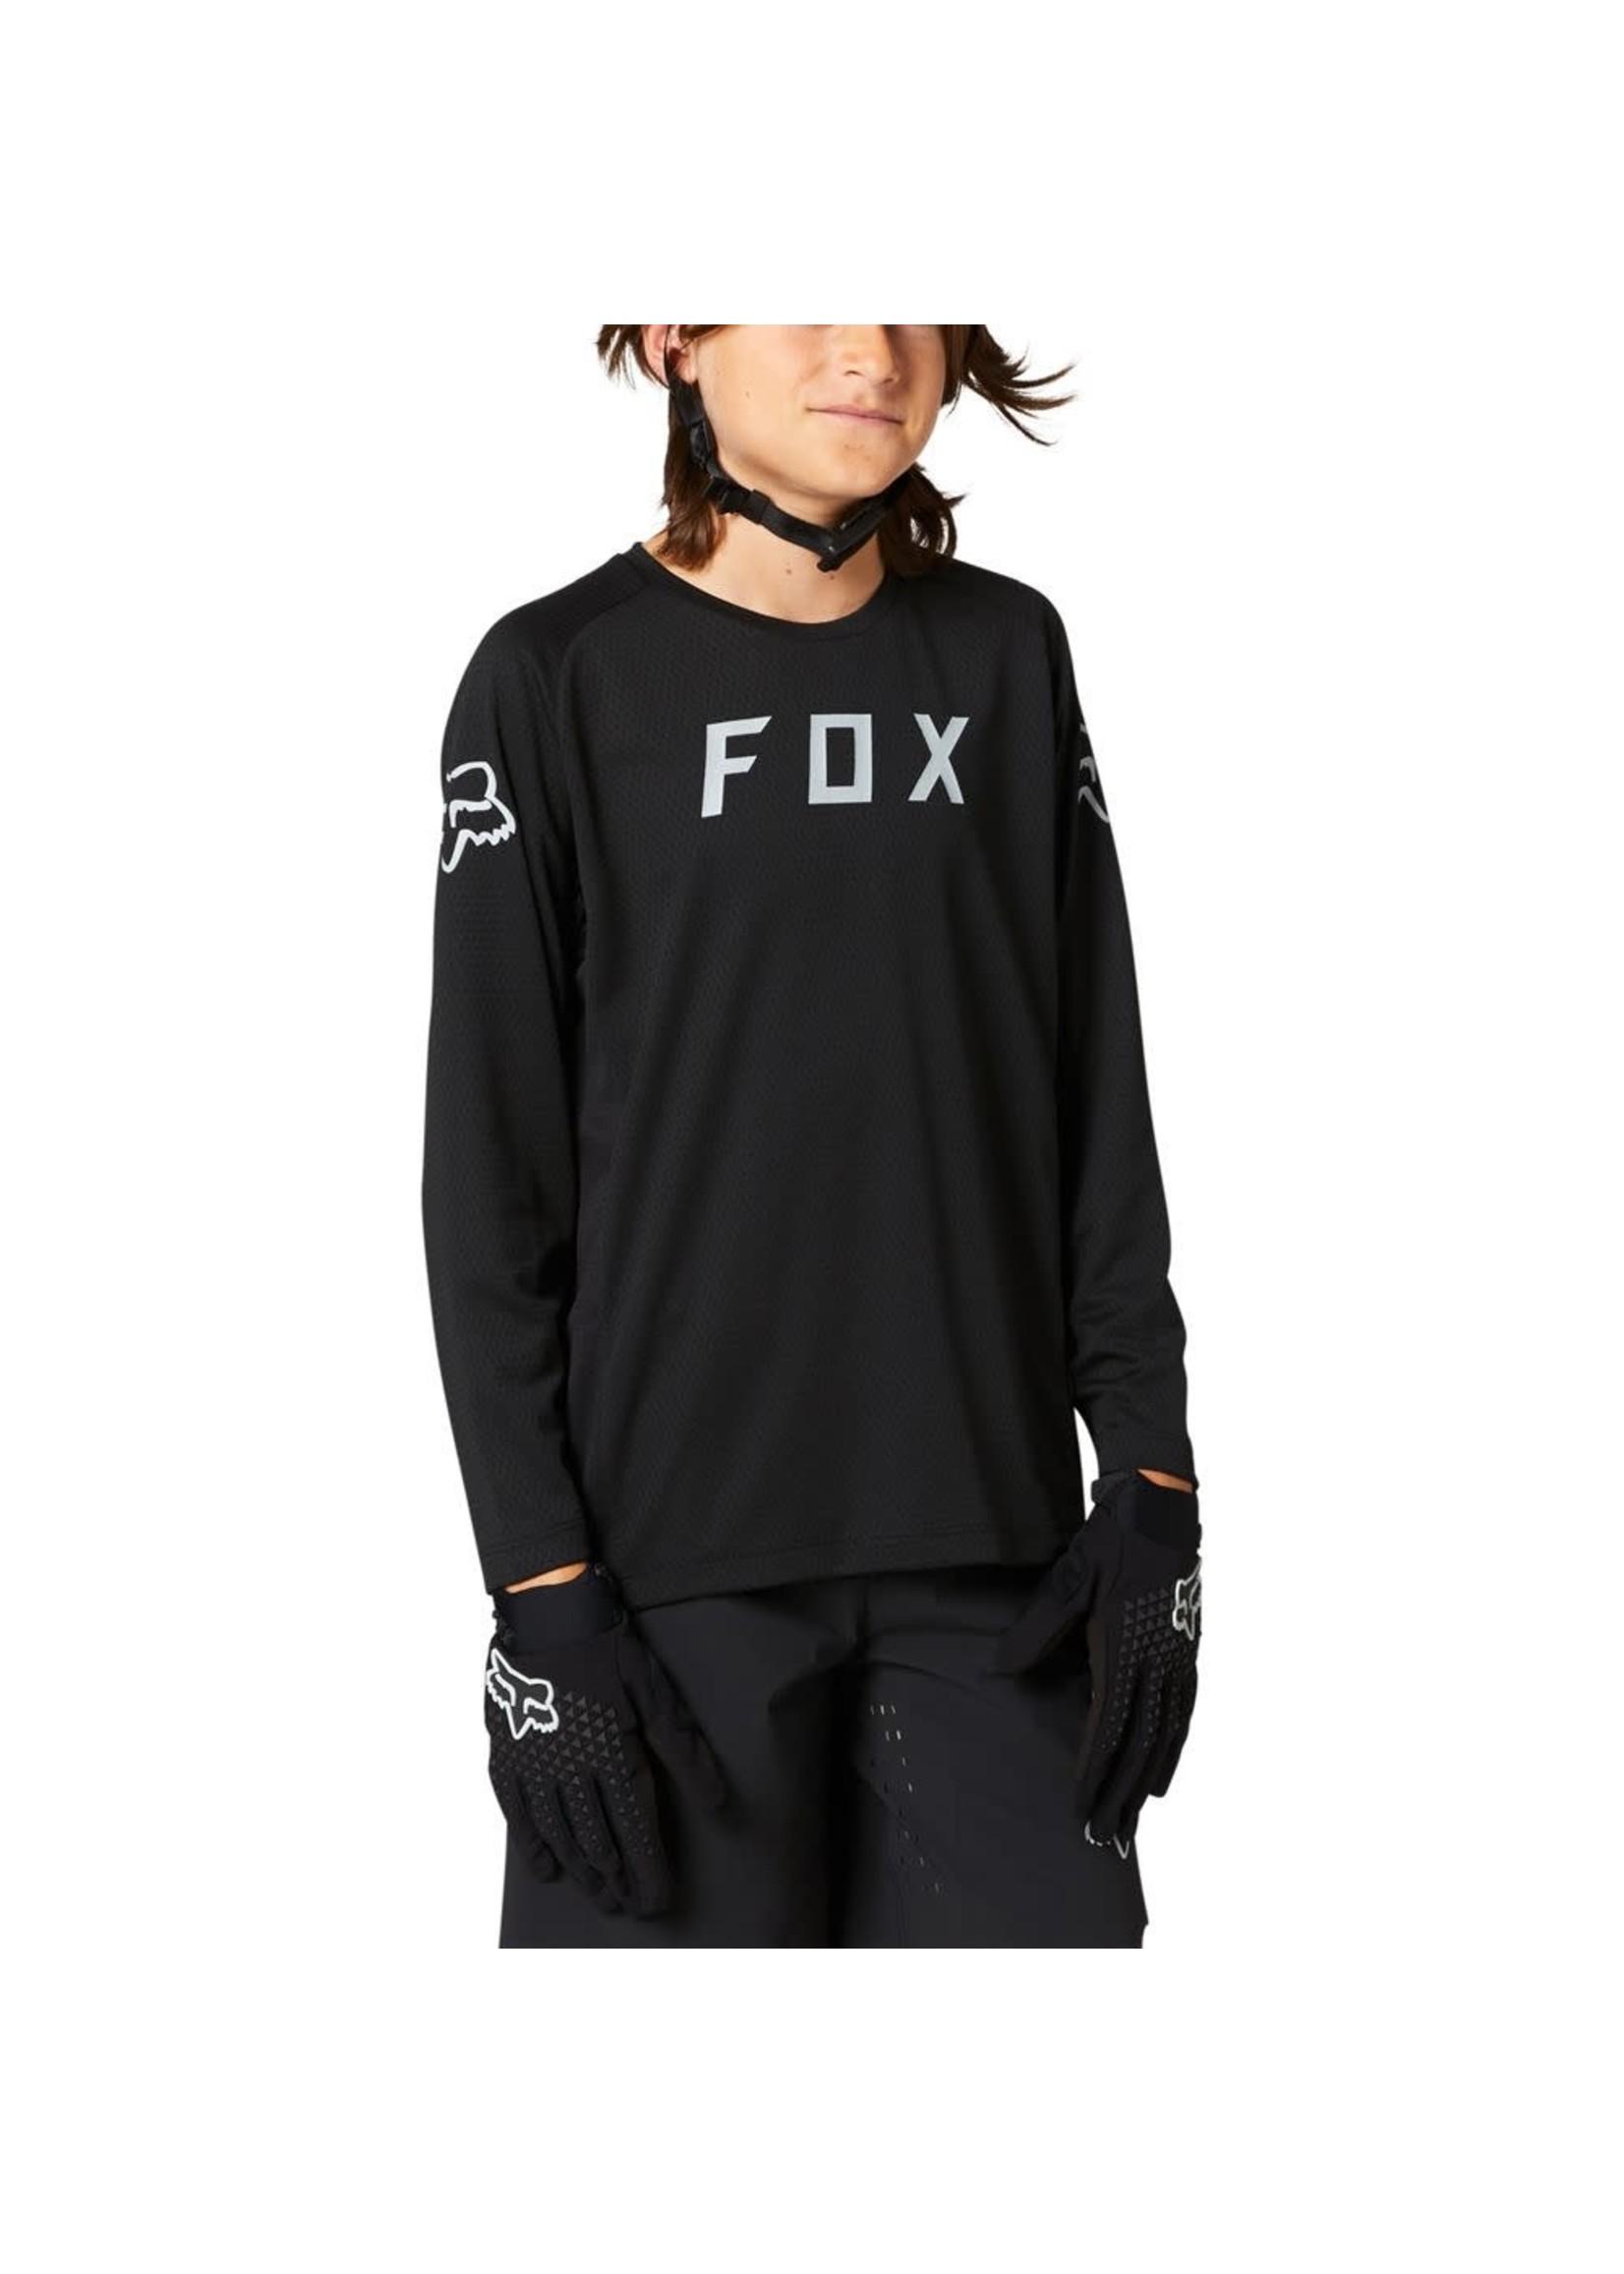 FOX FOX DEFEND LS YOUTH